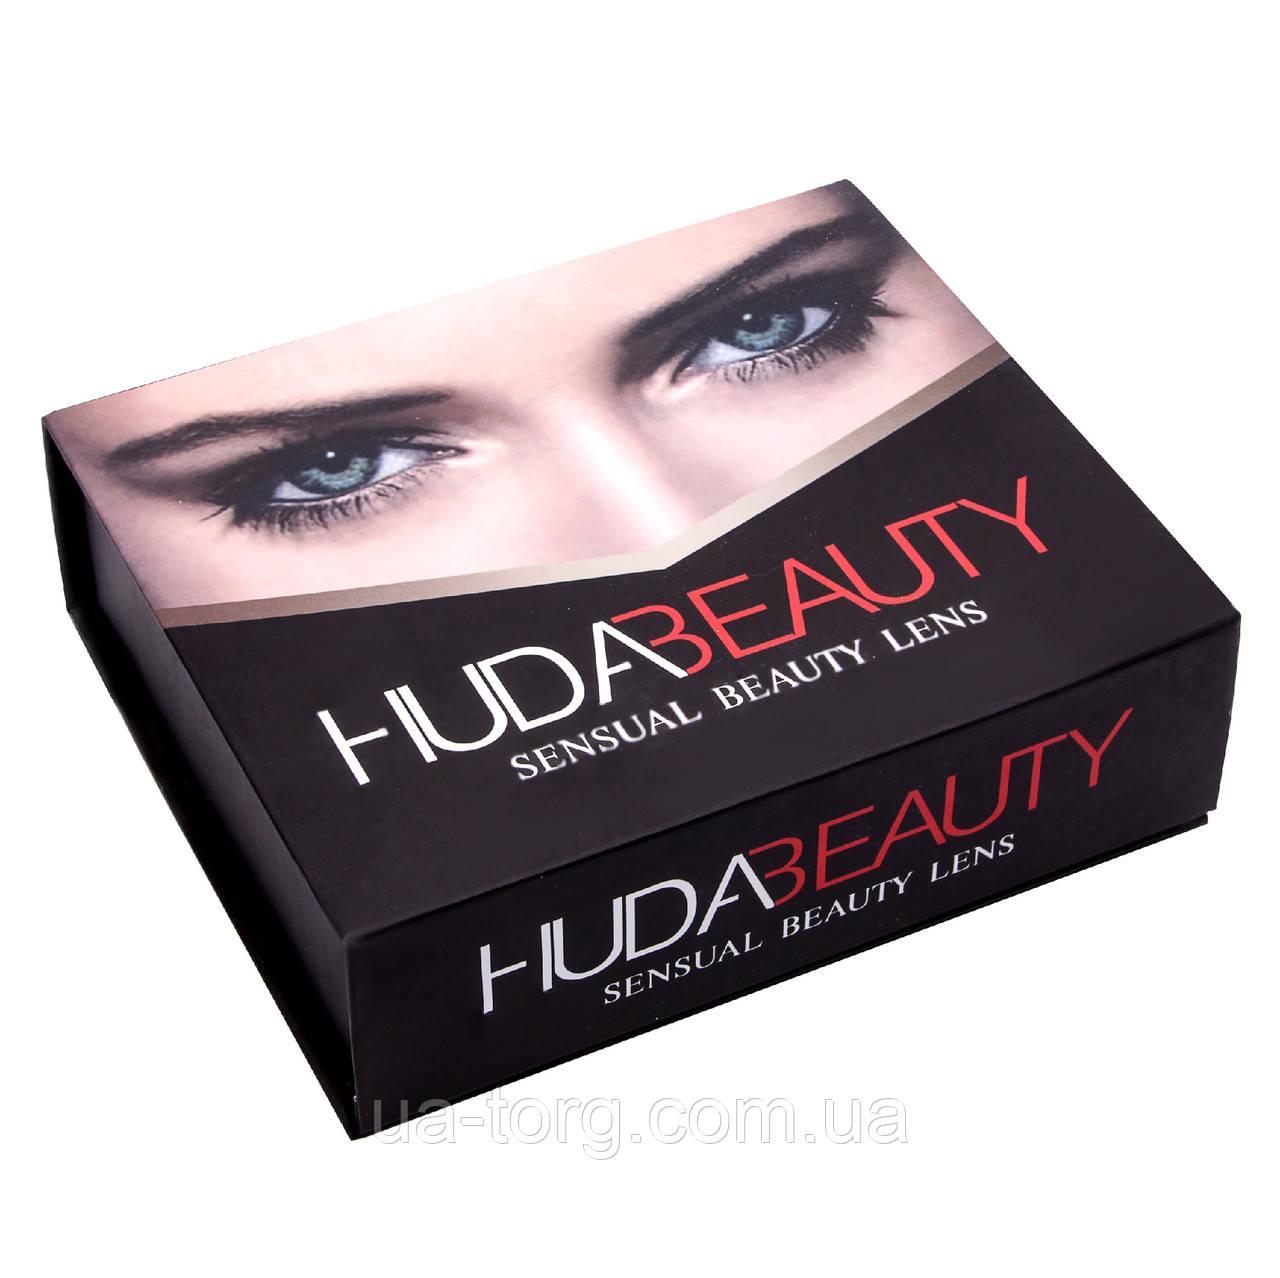 Линзы цветные косметические Huda Beauty sensual beauty lens Turquoise (Бирюзовый)